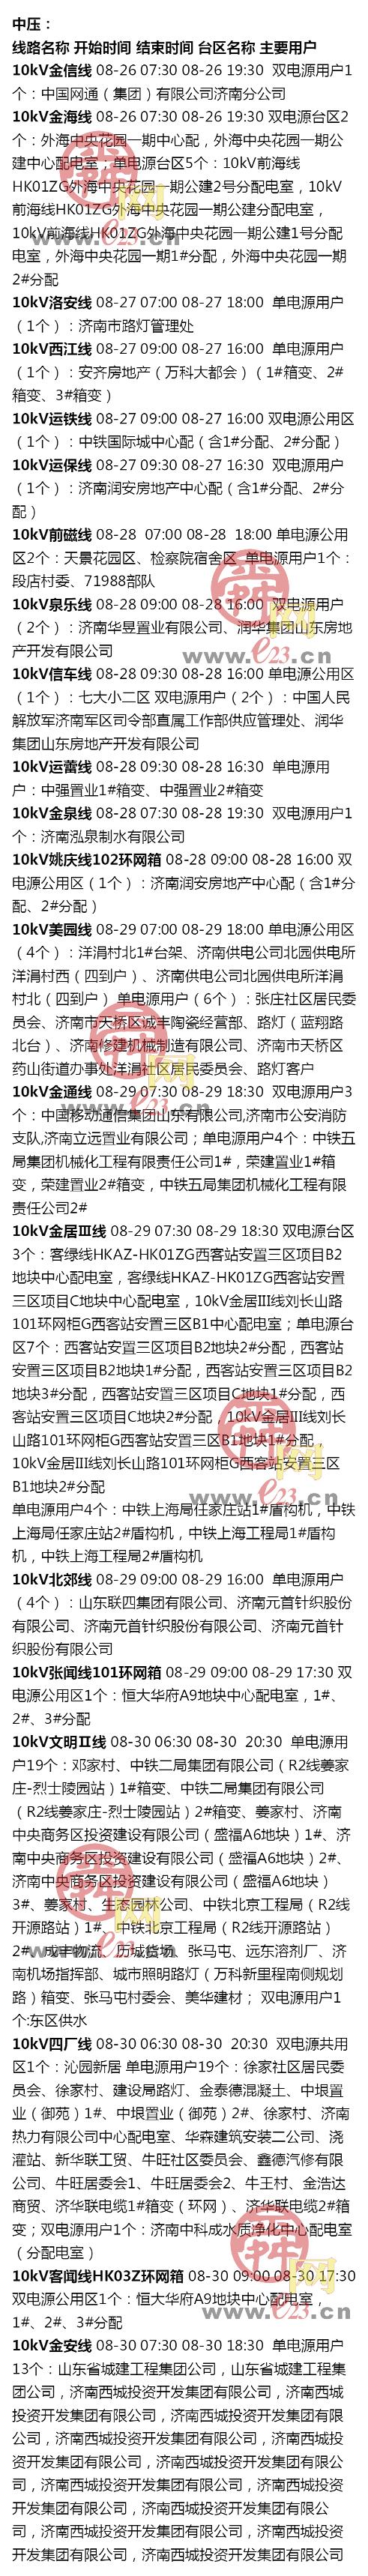 8月24日至8月30日济南部分区域电力设备检修通知